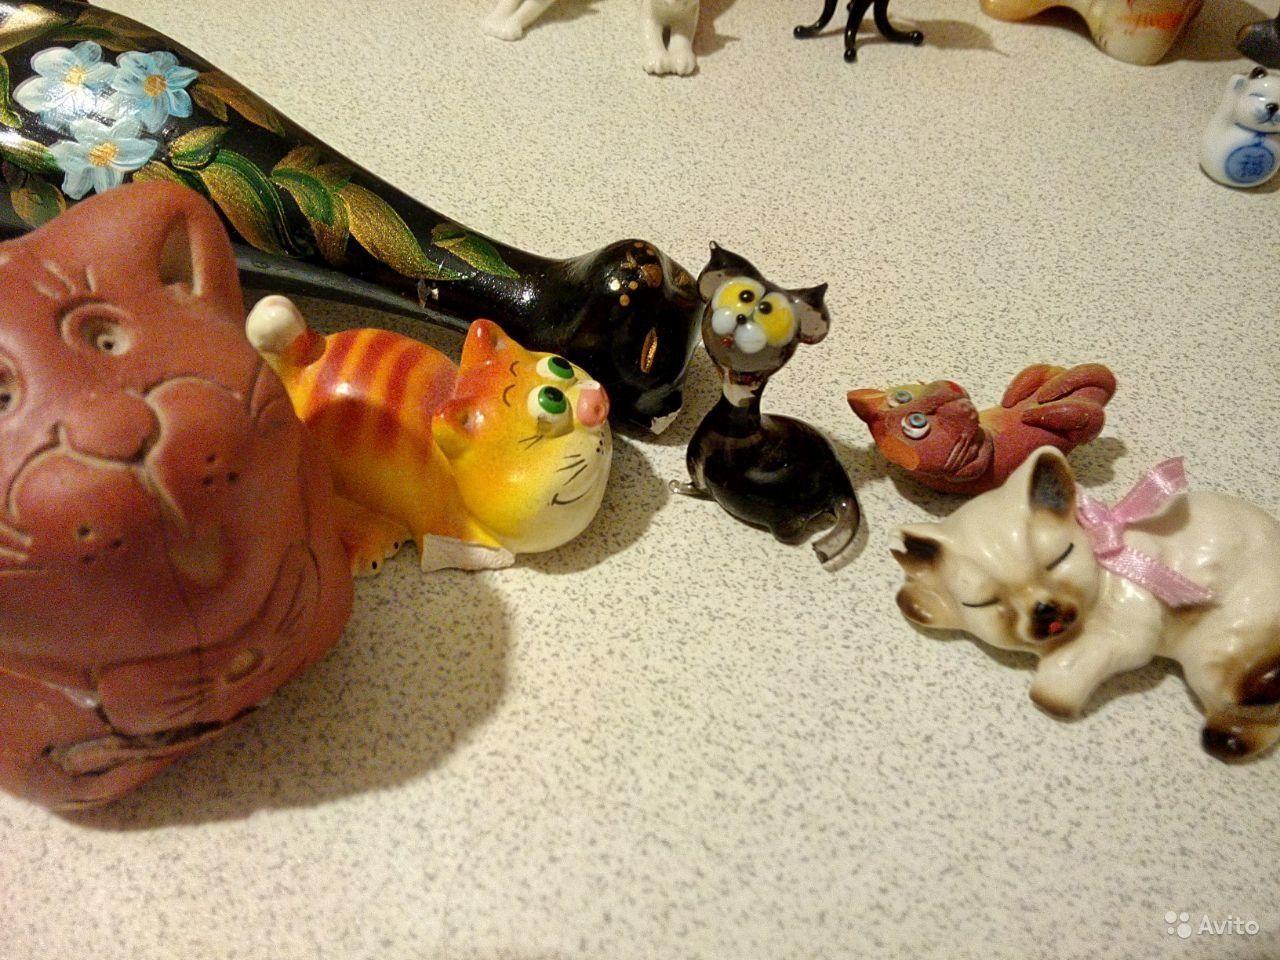 Продаю коллекцию фигурок кошек. Все разные, собраны из разных мест. Всего 37 кошек. Из низ 6 (раненные бойцы, есть сколы). Стоимость 4800р.( среднем 130р. За фигурку)